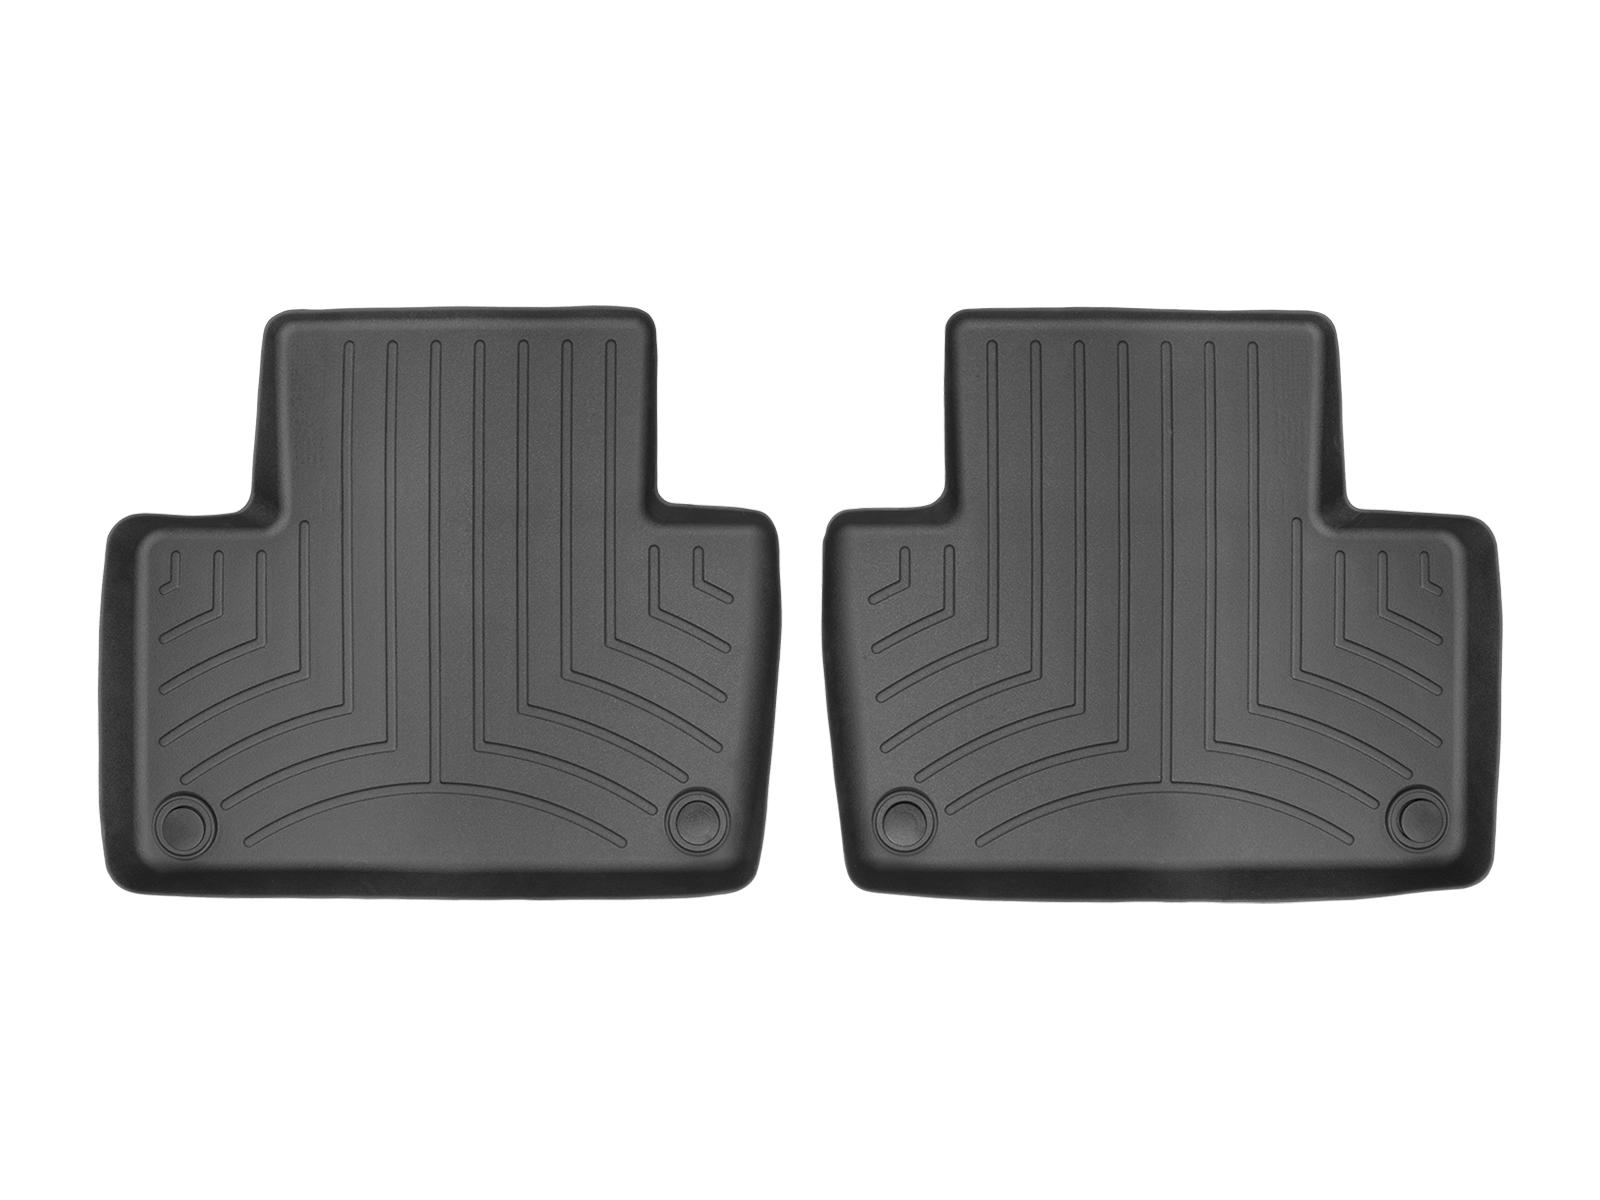 Tappeti gomma su misura bordo alto Volvo XC90 15>17 Nero A4461*